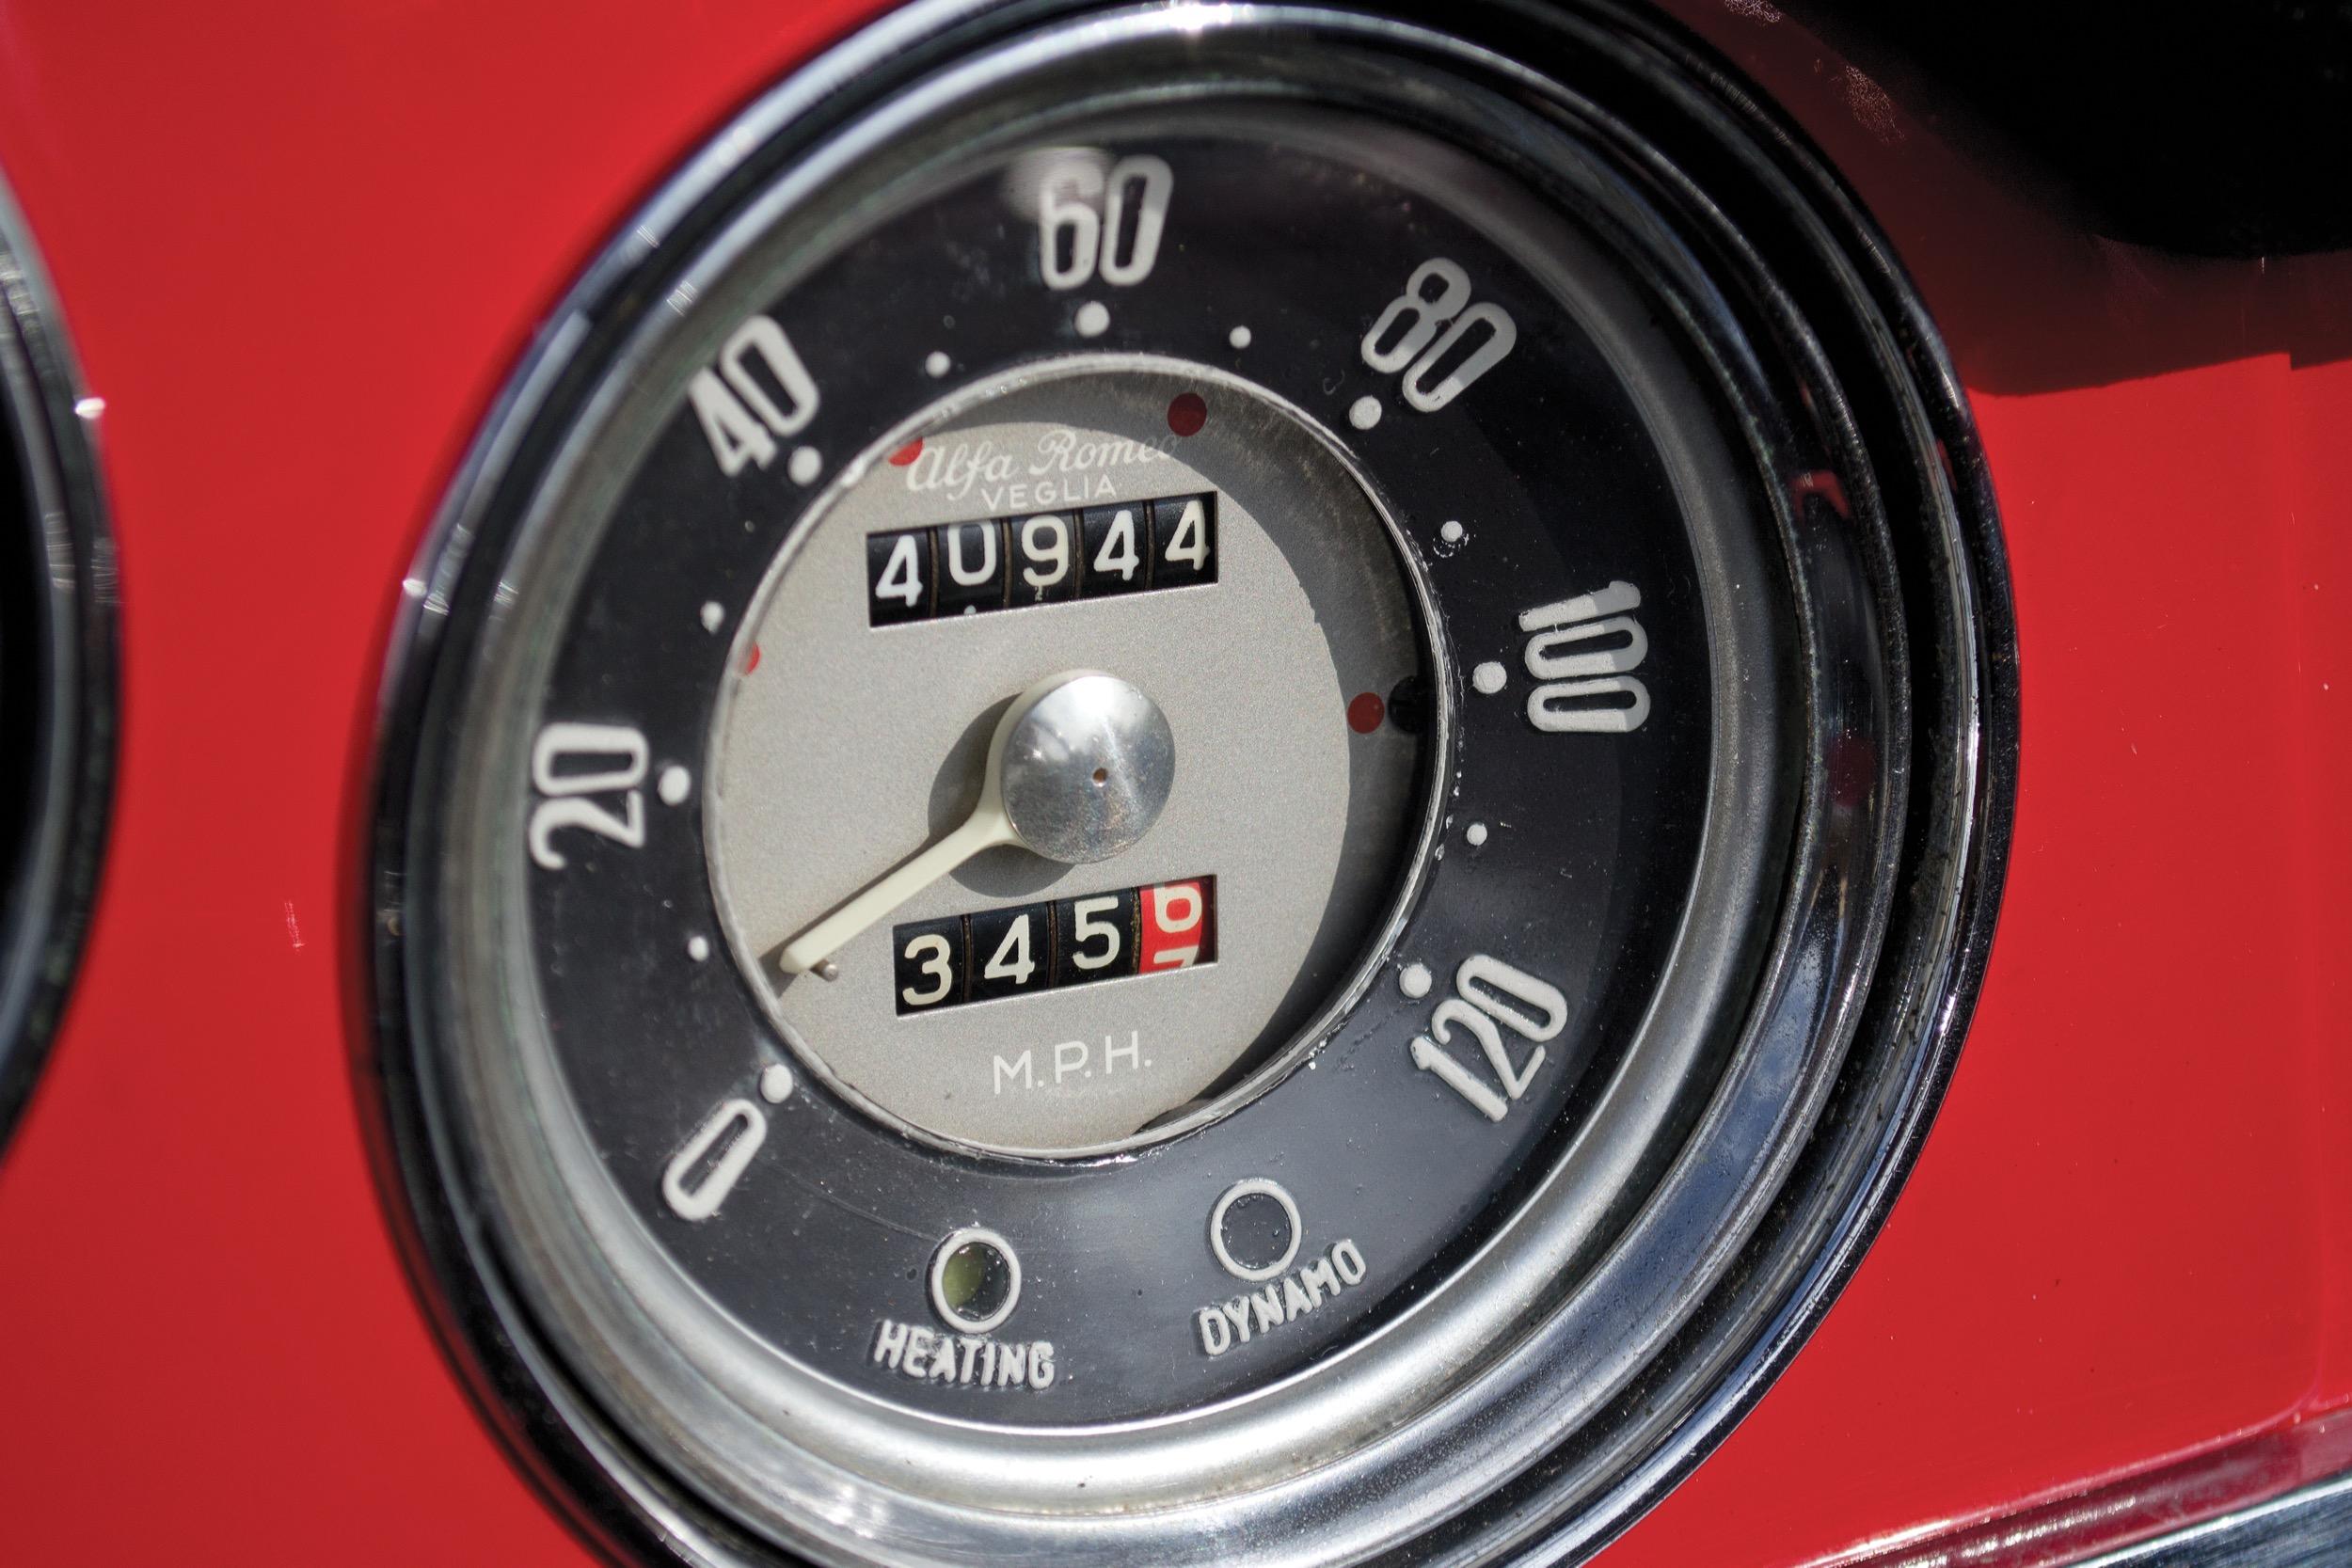 750D Giulietta Spider